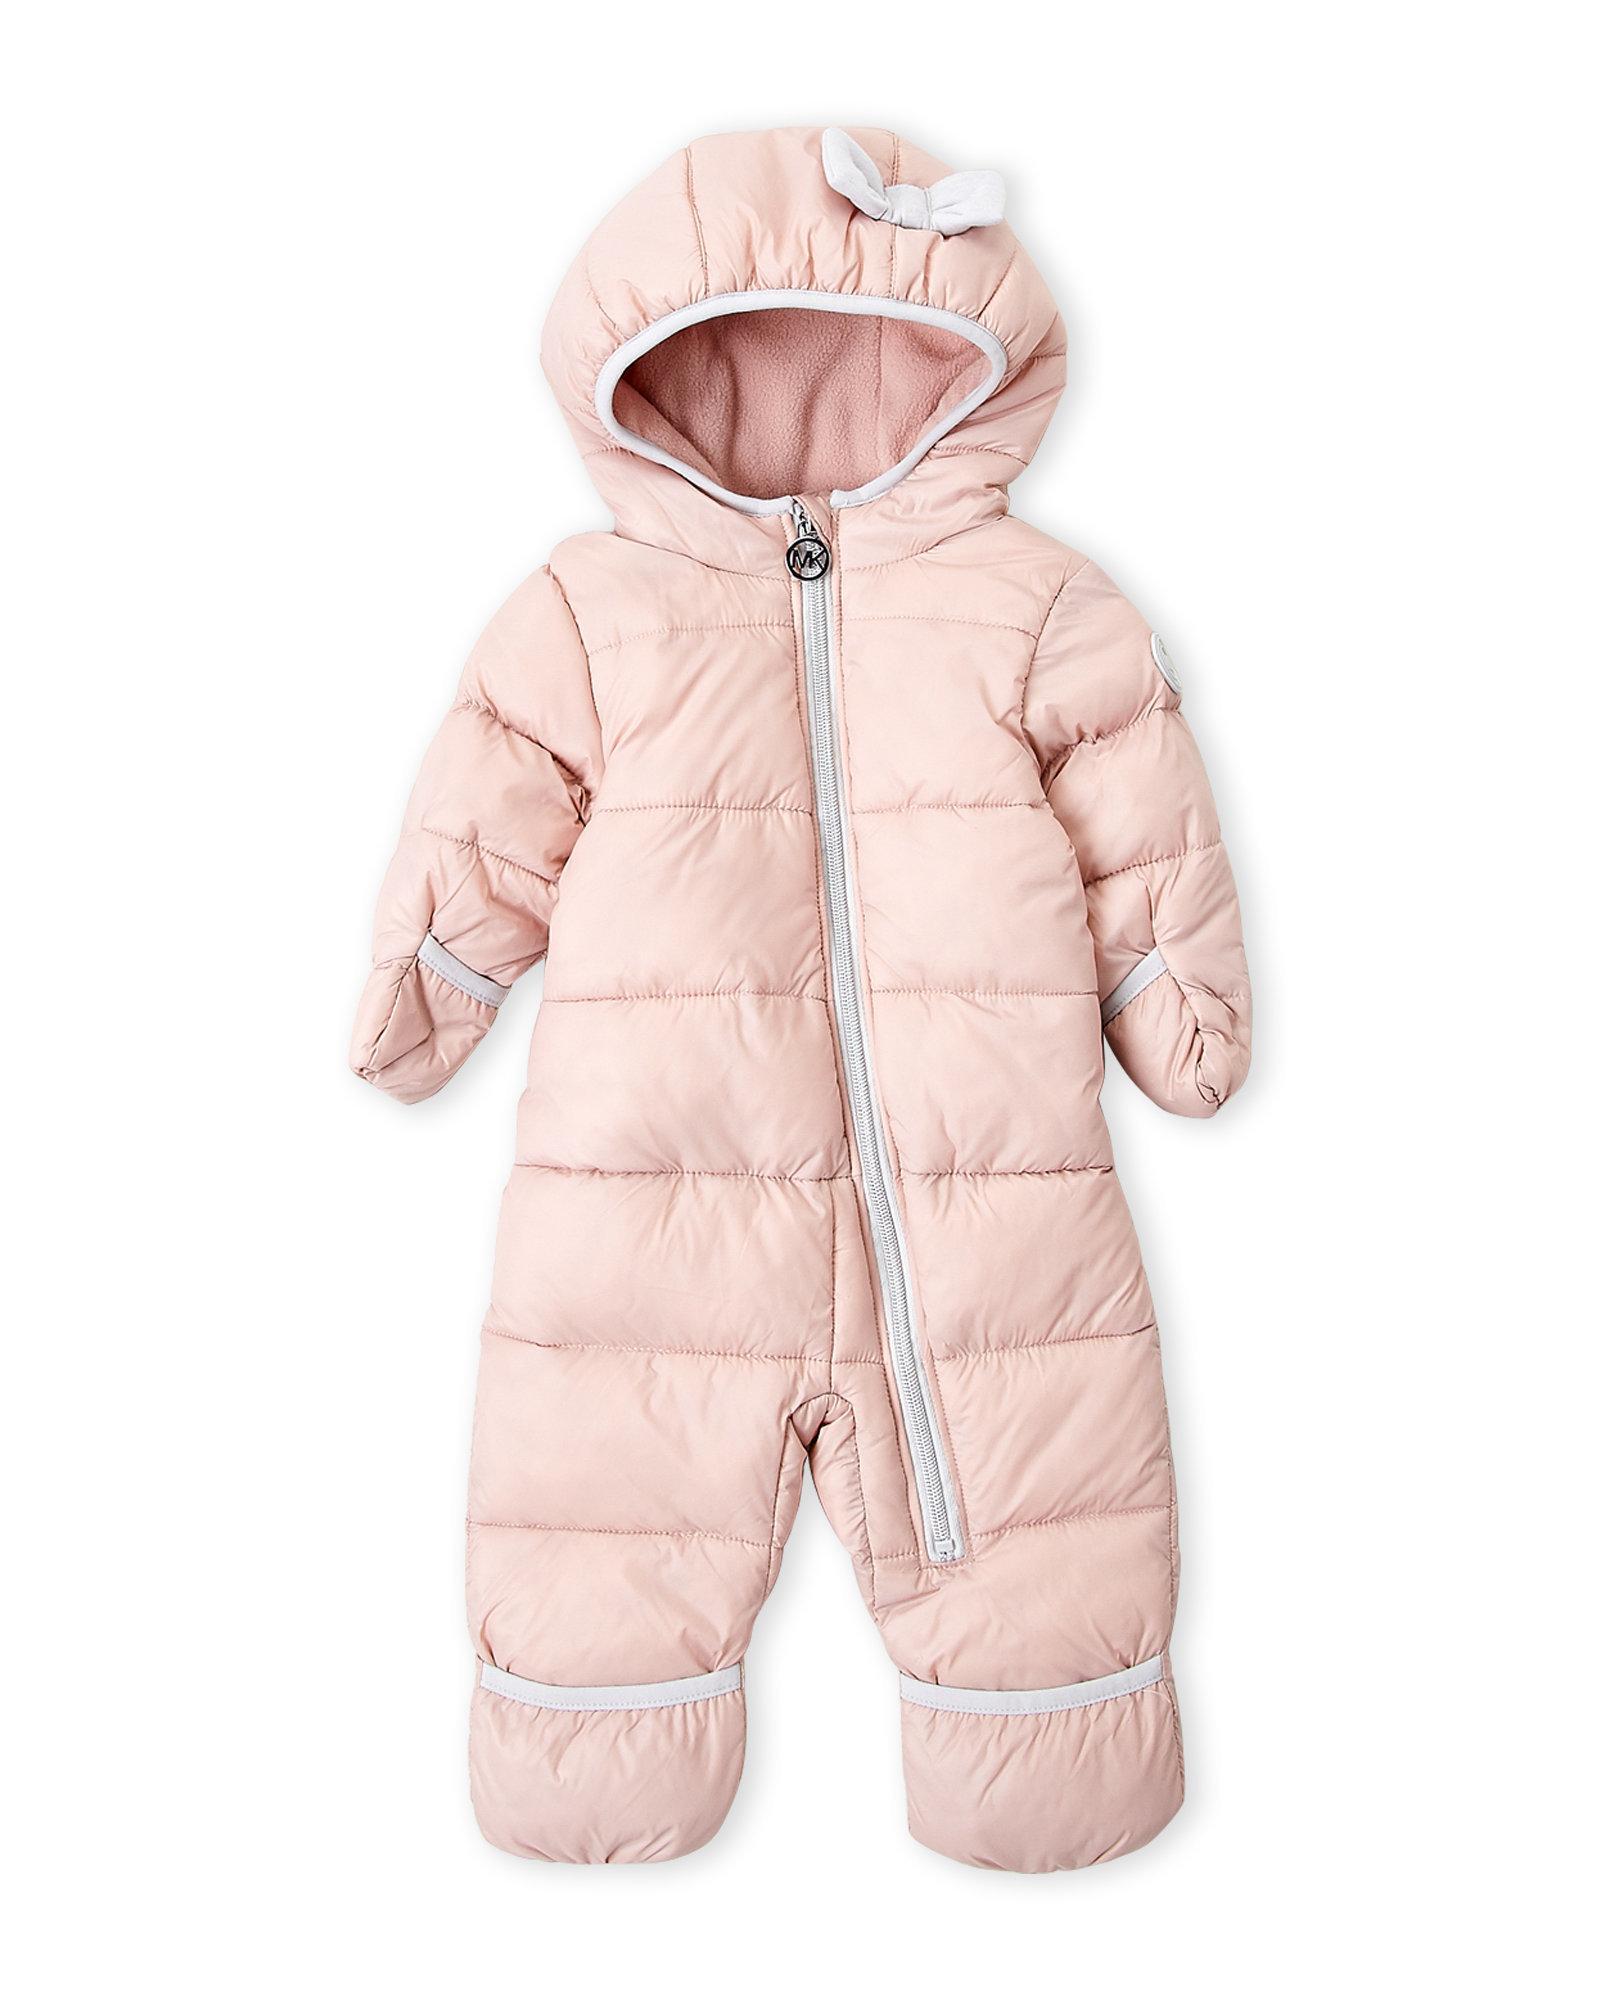 d6a1ac5b05 Új, címkés, eredeti Michael Kors márkás babaruha kislány téli kapucnis,  rózsaszín overál.